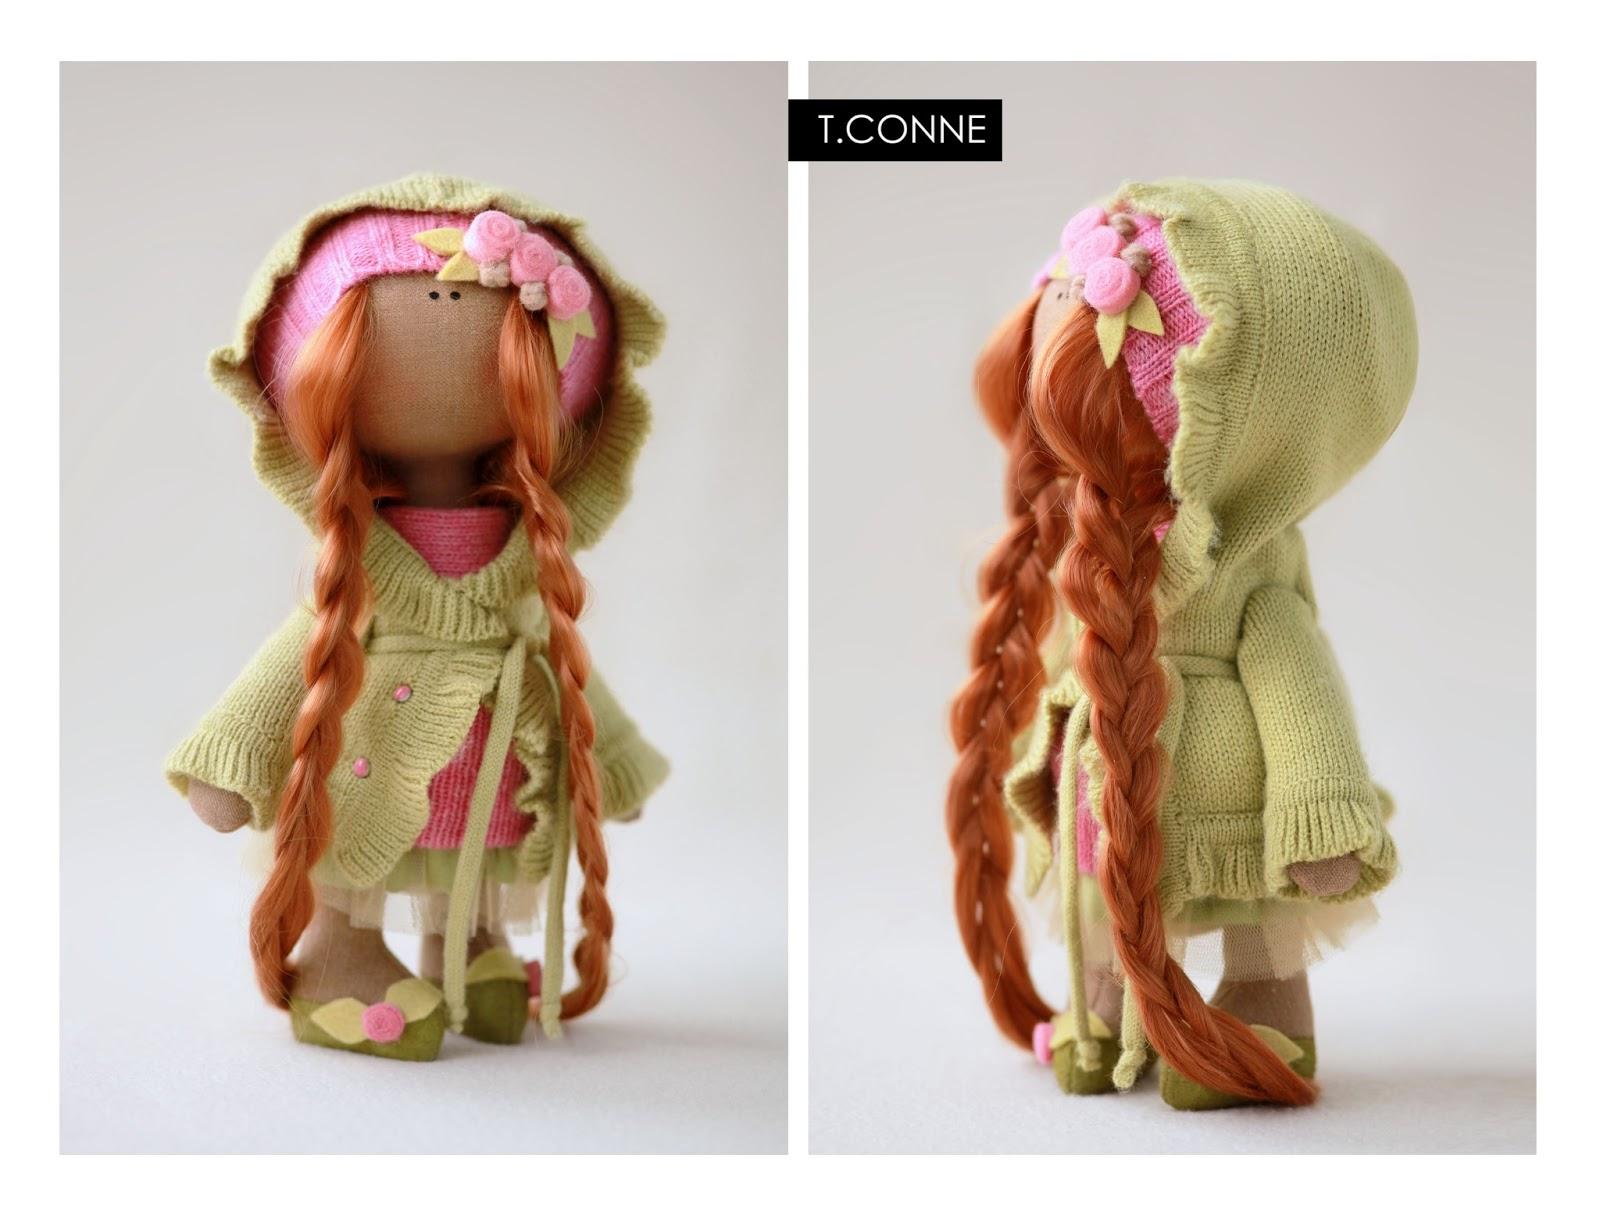 Как сшить куклу коннэ пошагово